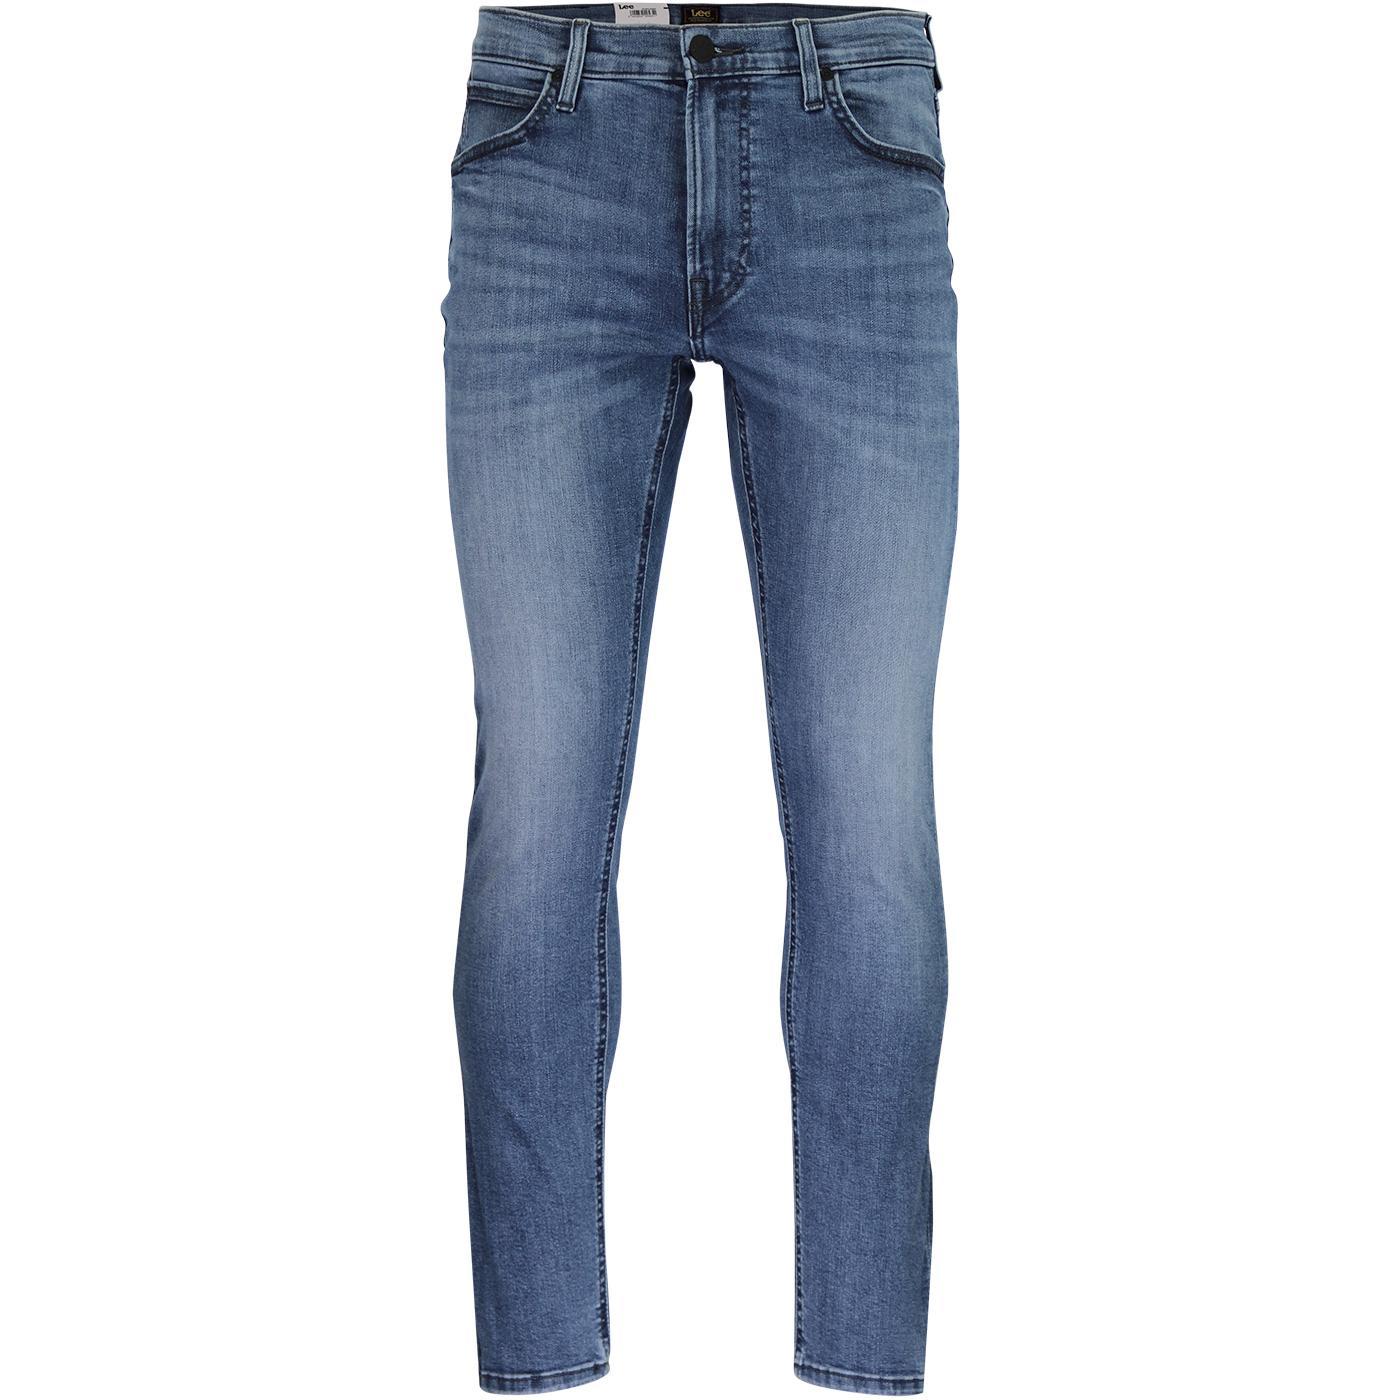 Luke LEE JEANS Mod Slim Tapered Jeans (Minimal)